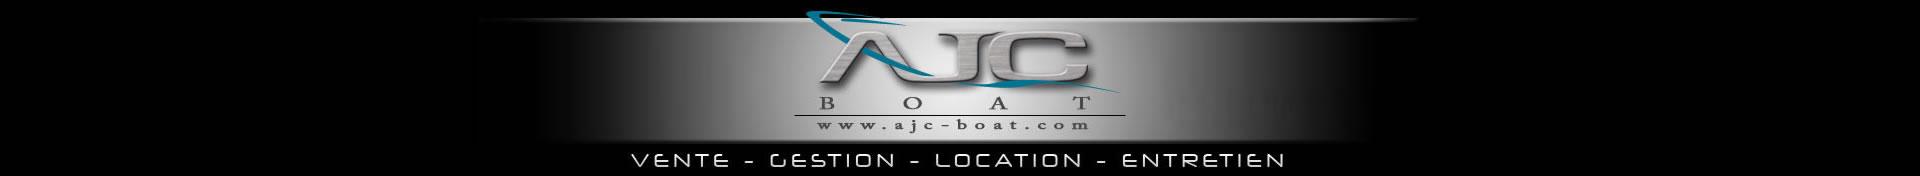 ajc boat - location et vente de bateaux